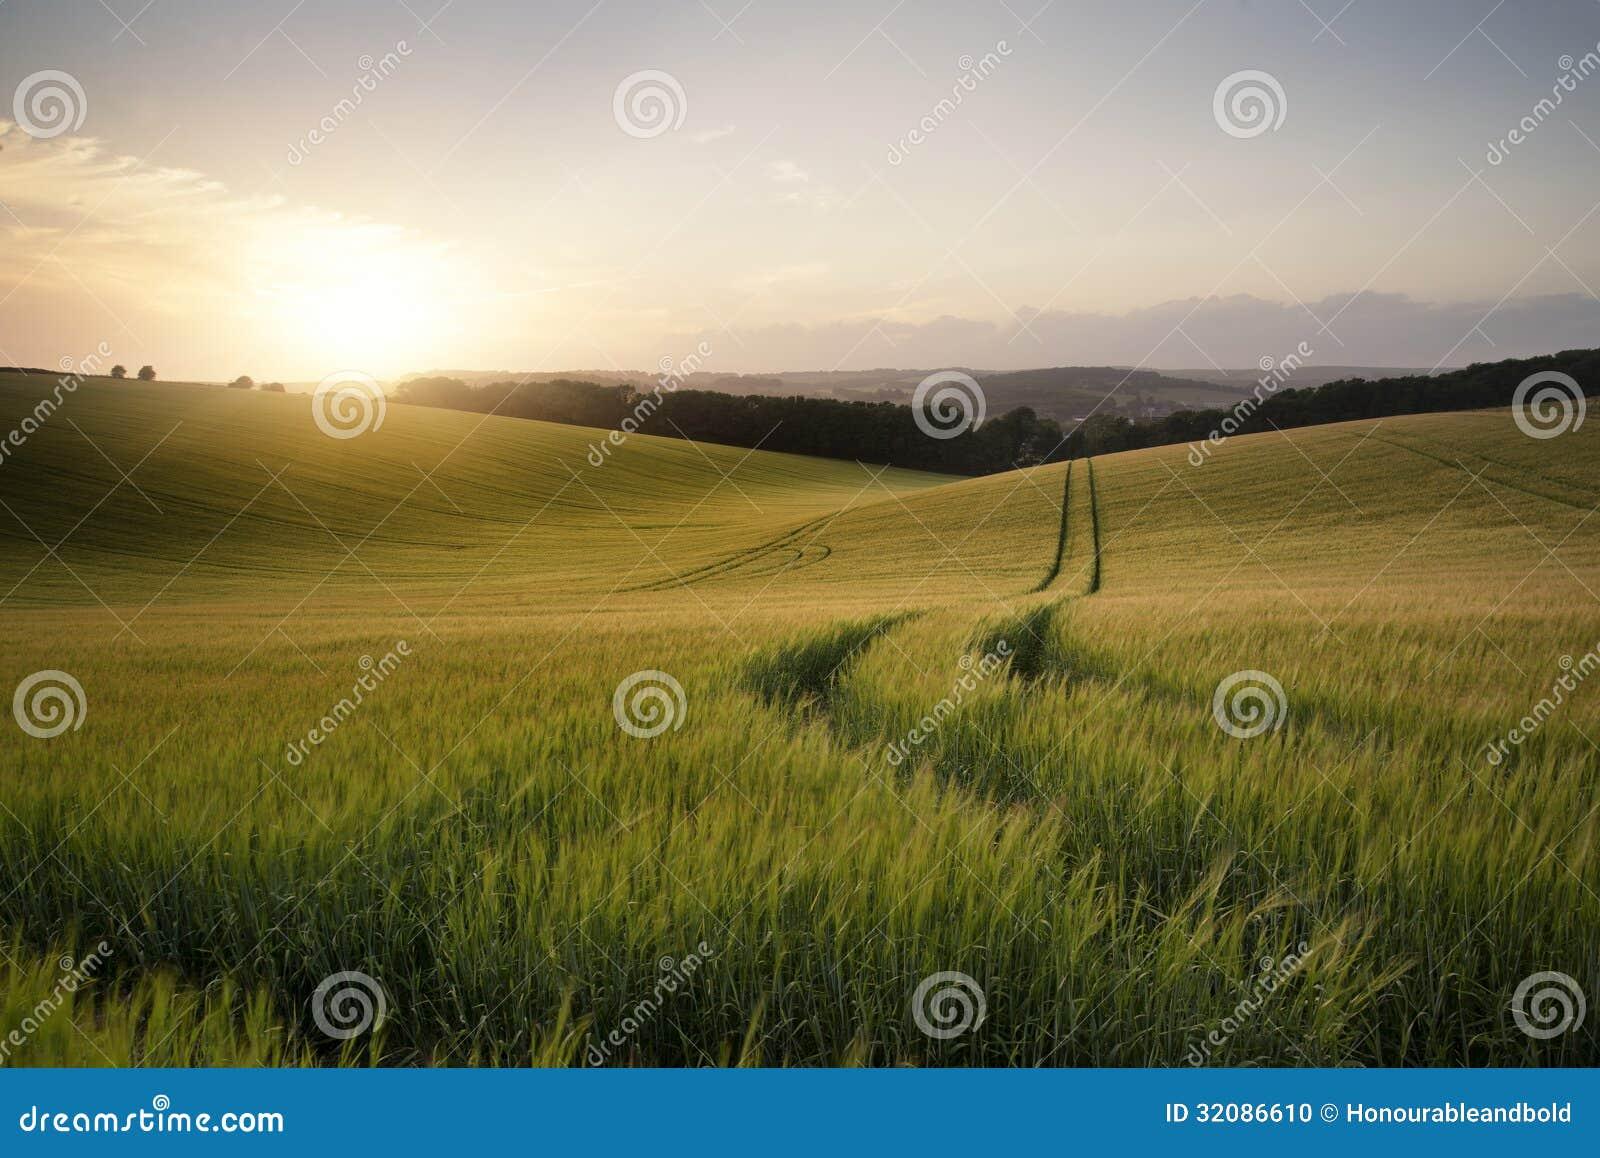 Изображение ландшафта лета пшеничного поля на заходе солнца с красивым l